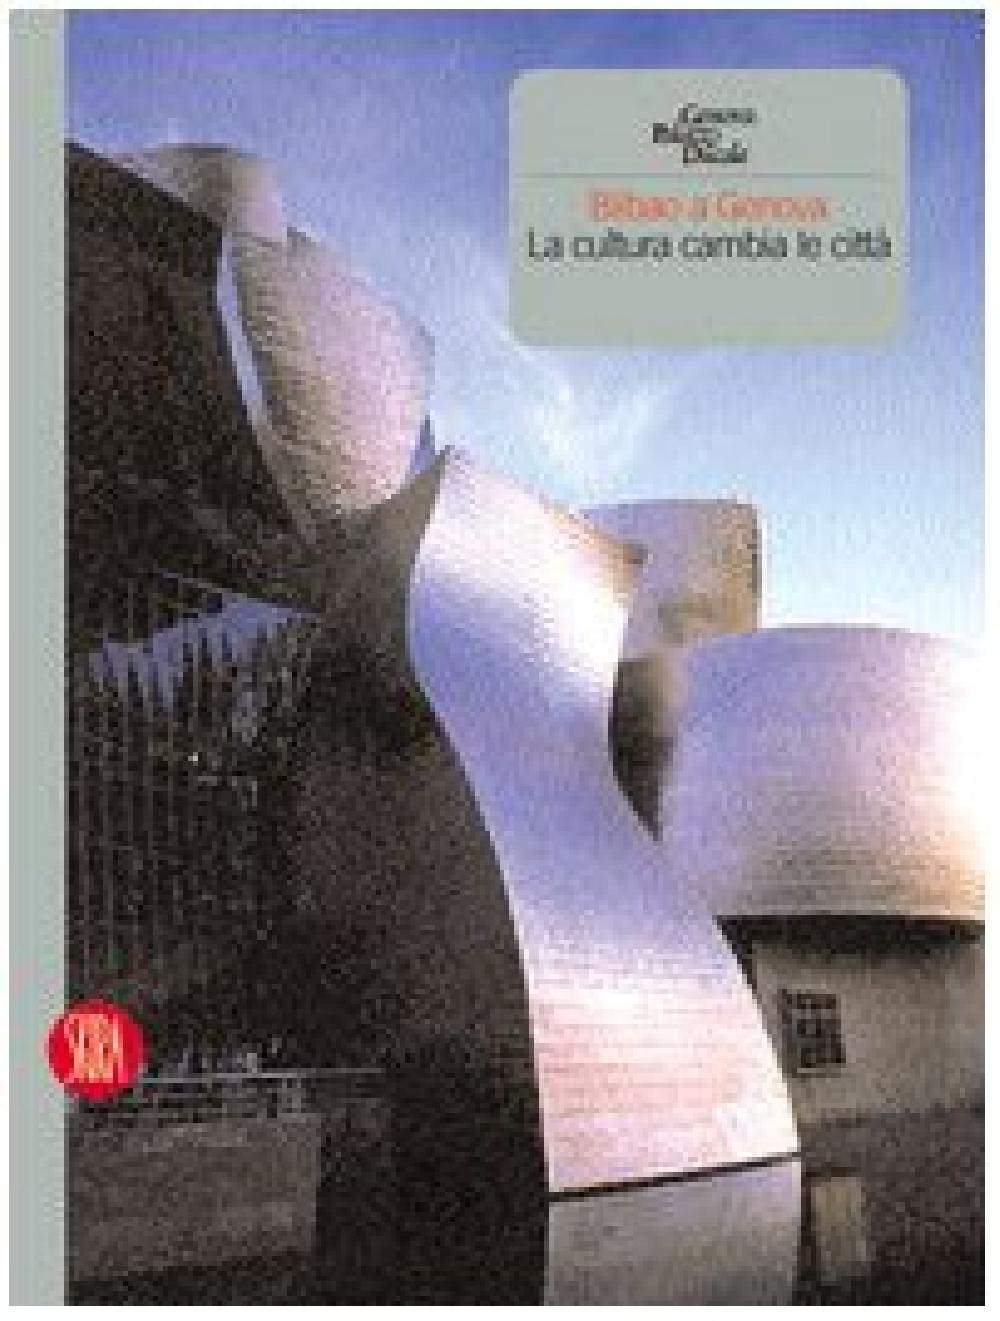 Bilbao a Genova, la cultura cambia la citta